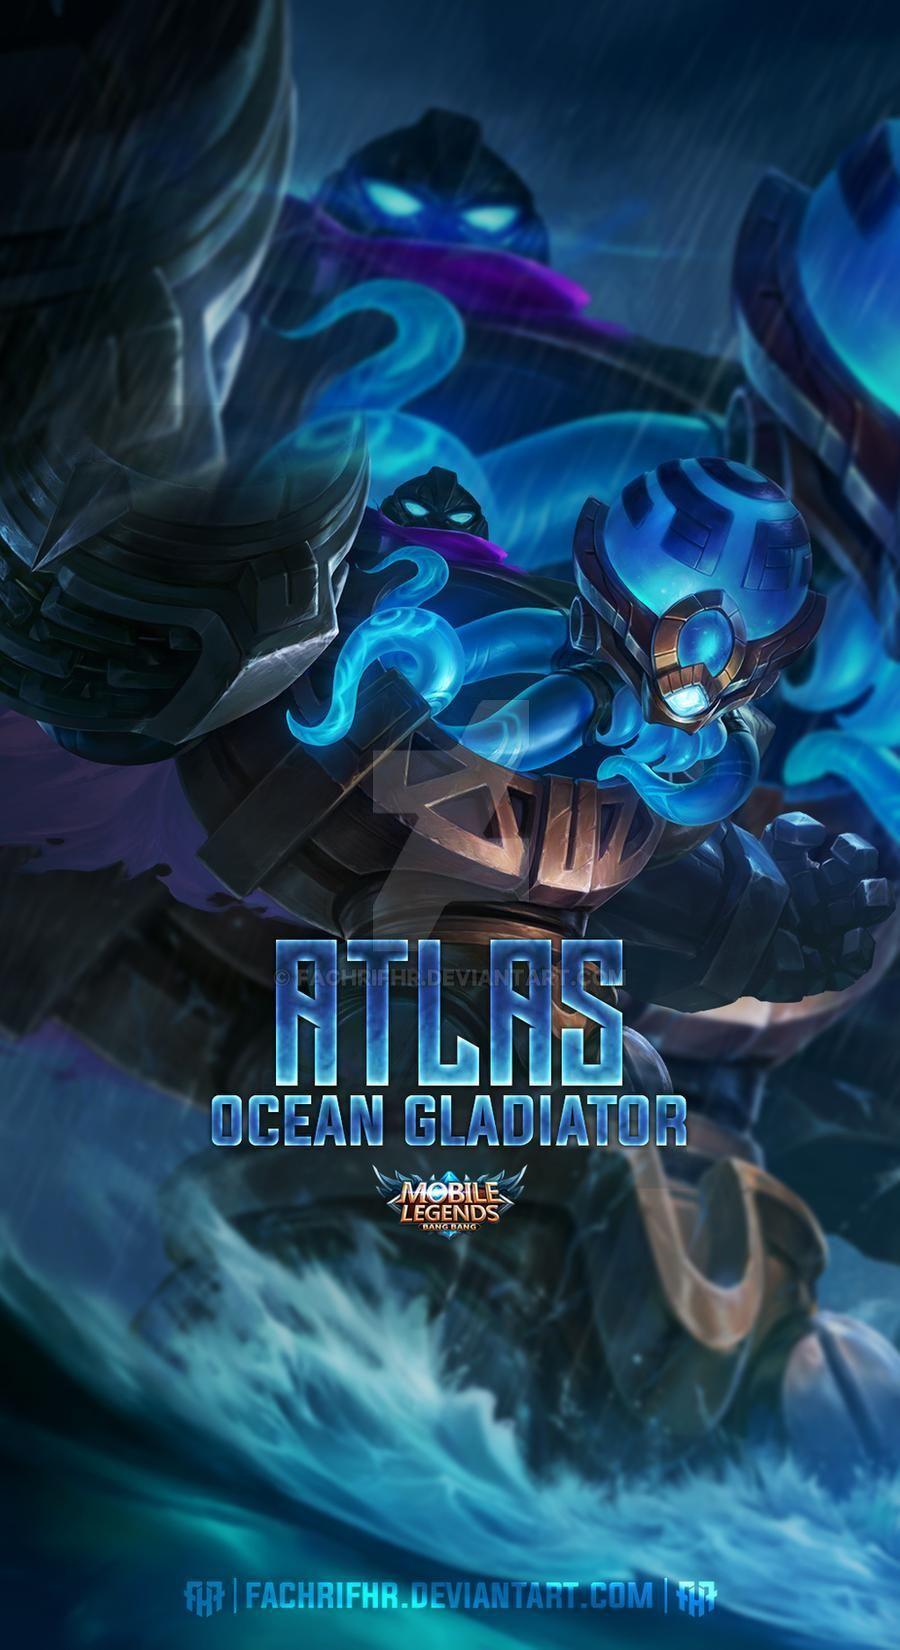 Atlas Ocean Gladiator By Fachrifhr On Deviantart Mobile Legend Wallpaper Mobile Legends Hunter Anime